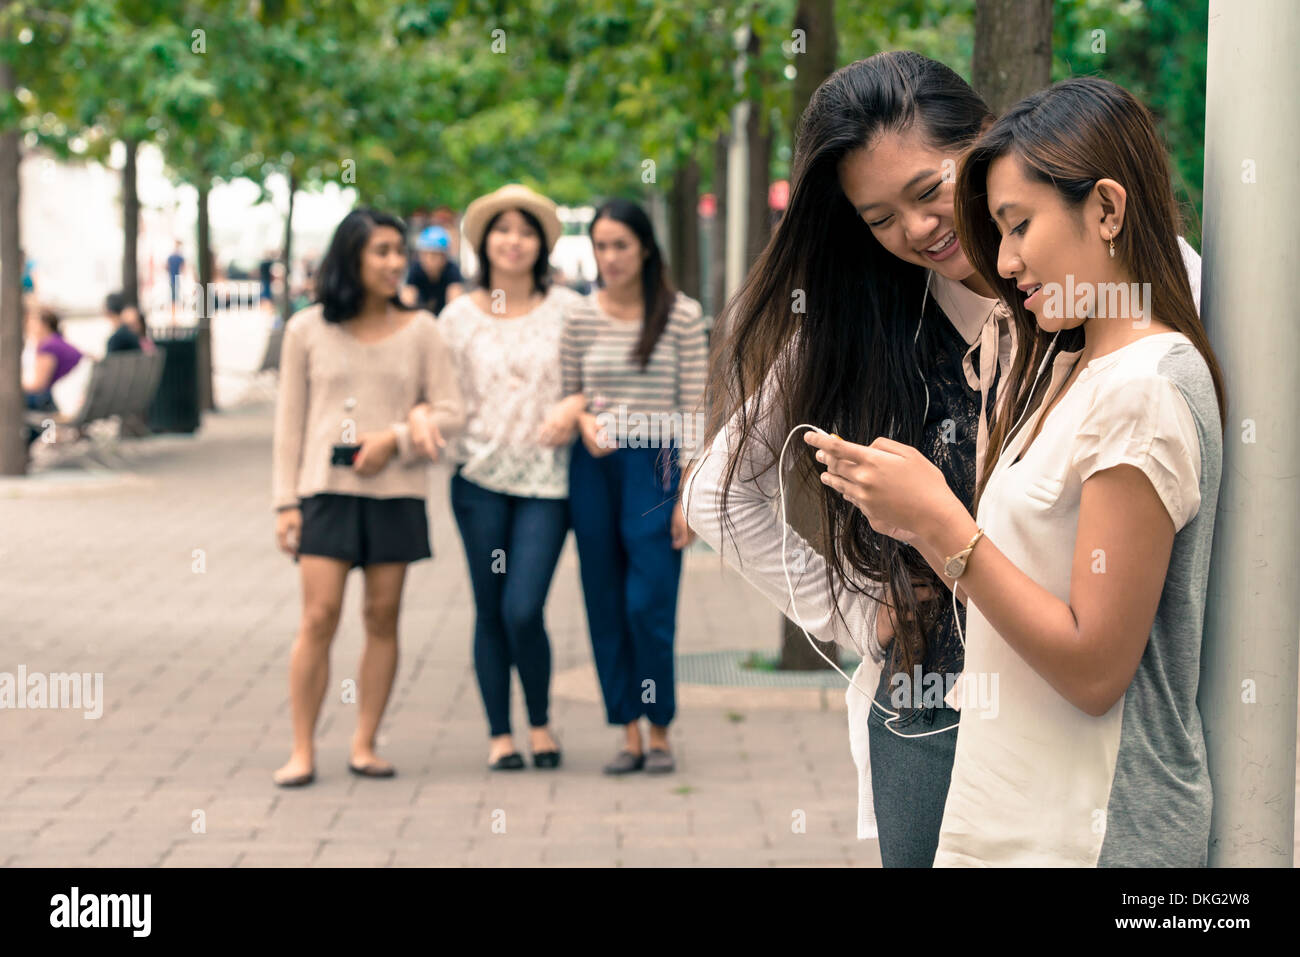 Las mujeres que miran la tecnología, acercando a los amigos Imagen De Stock